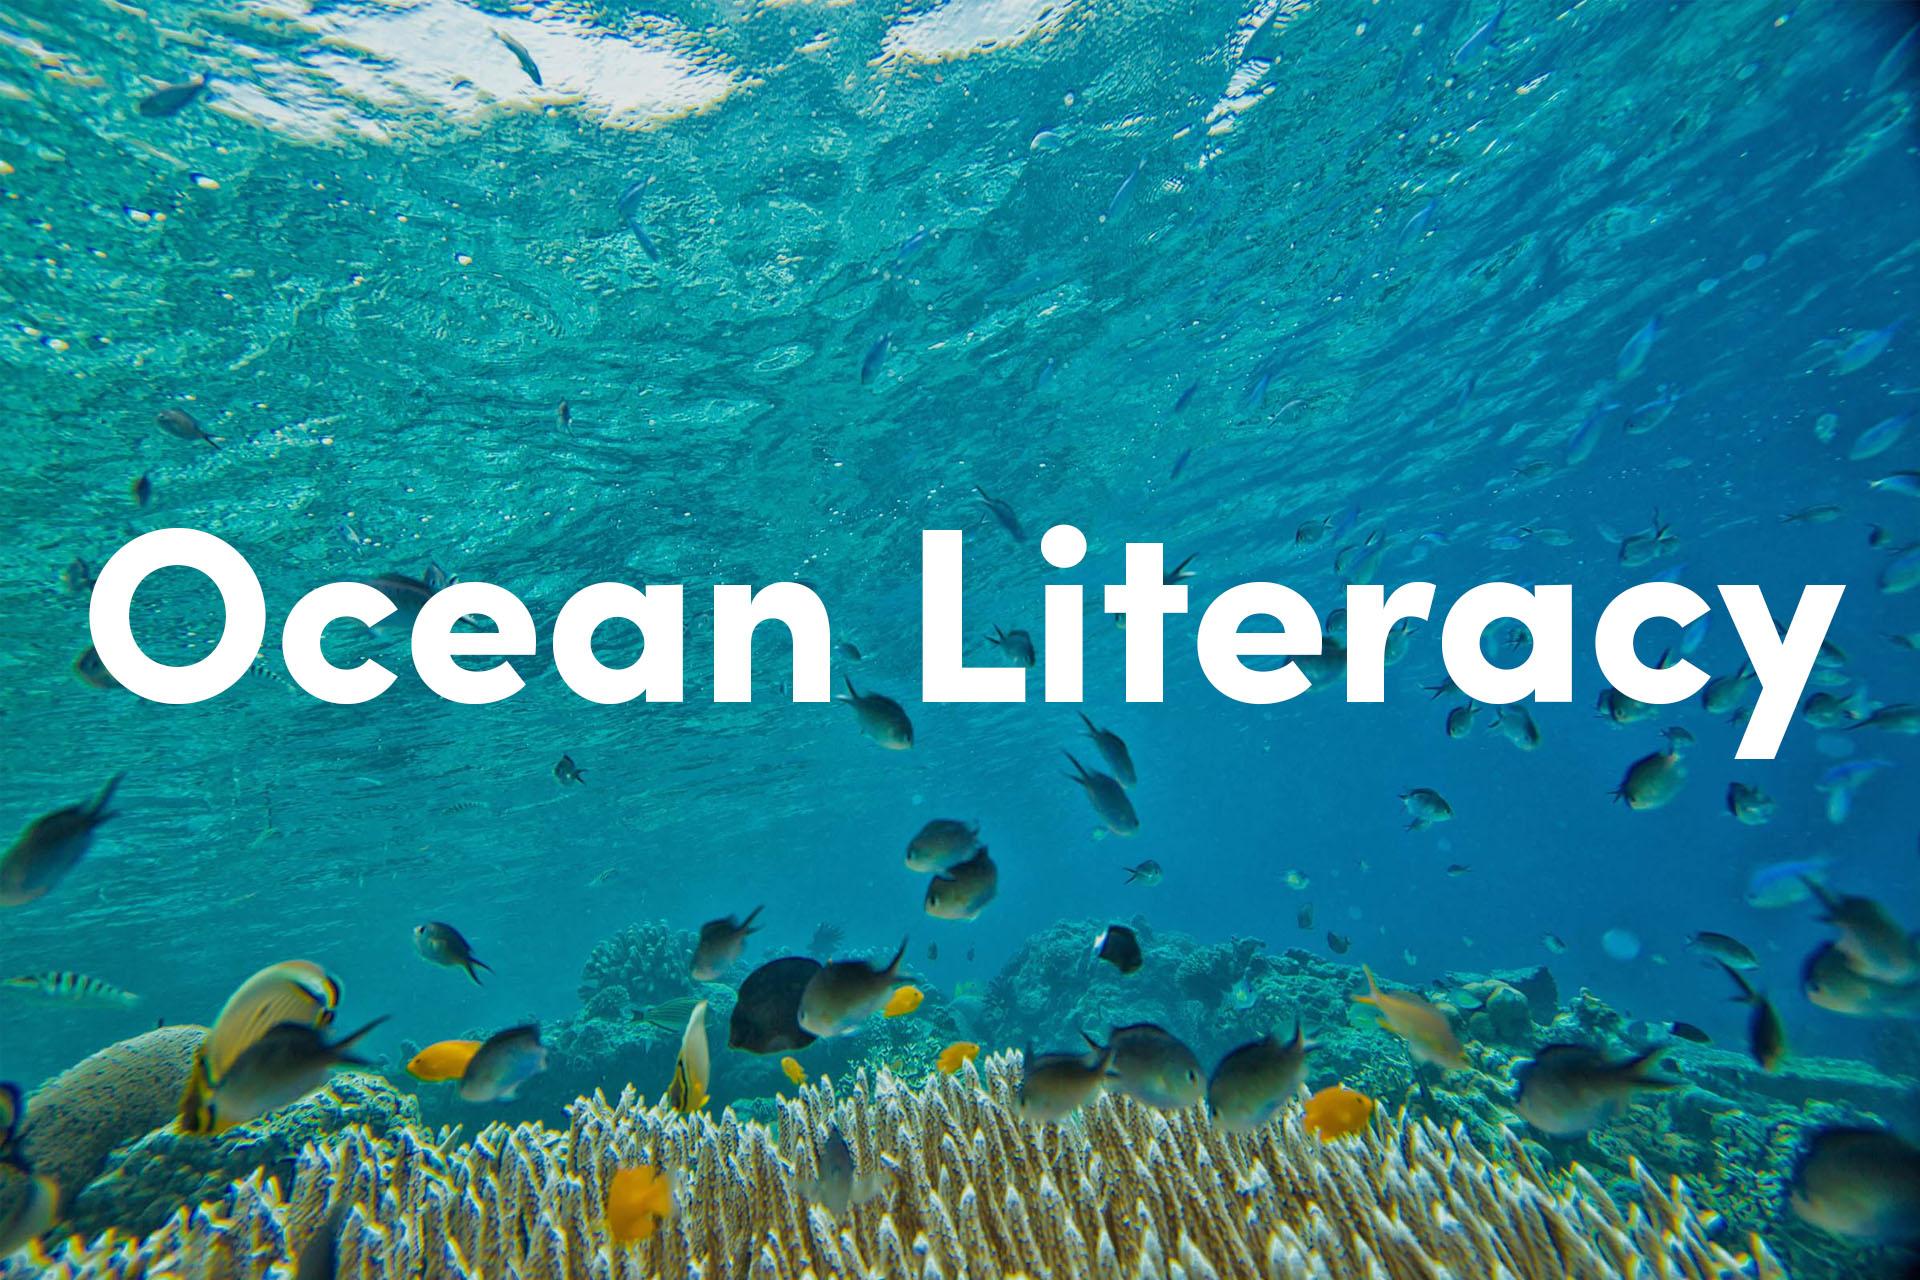 ocean-literacy.jpg